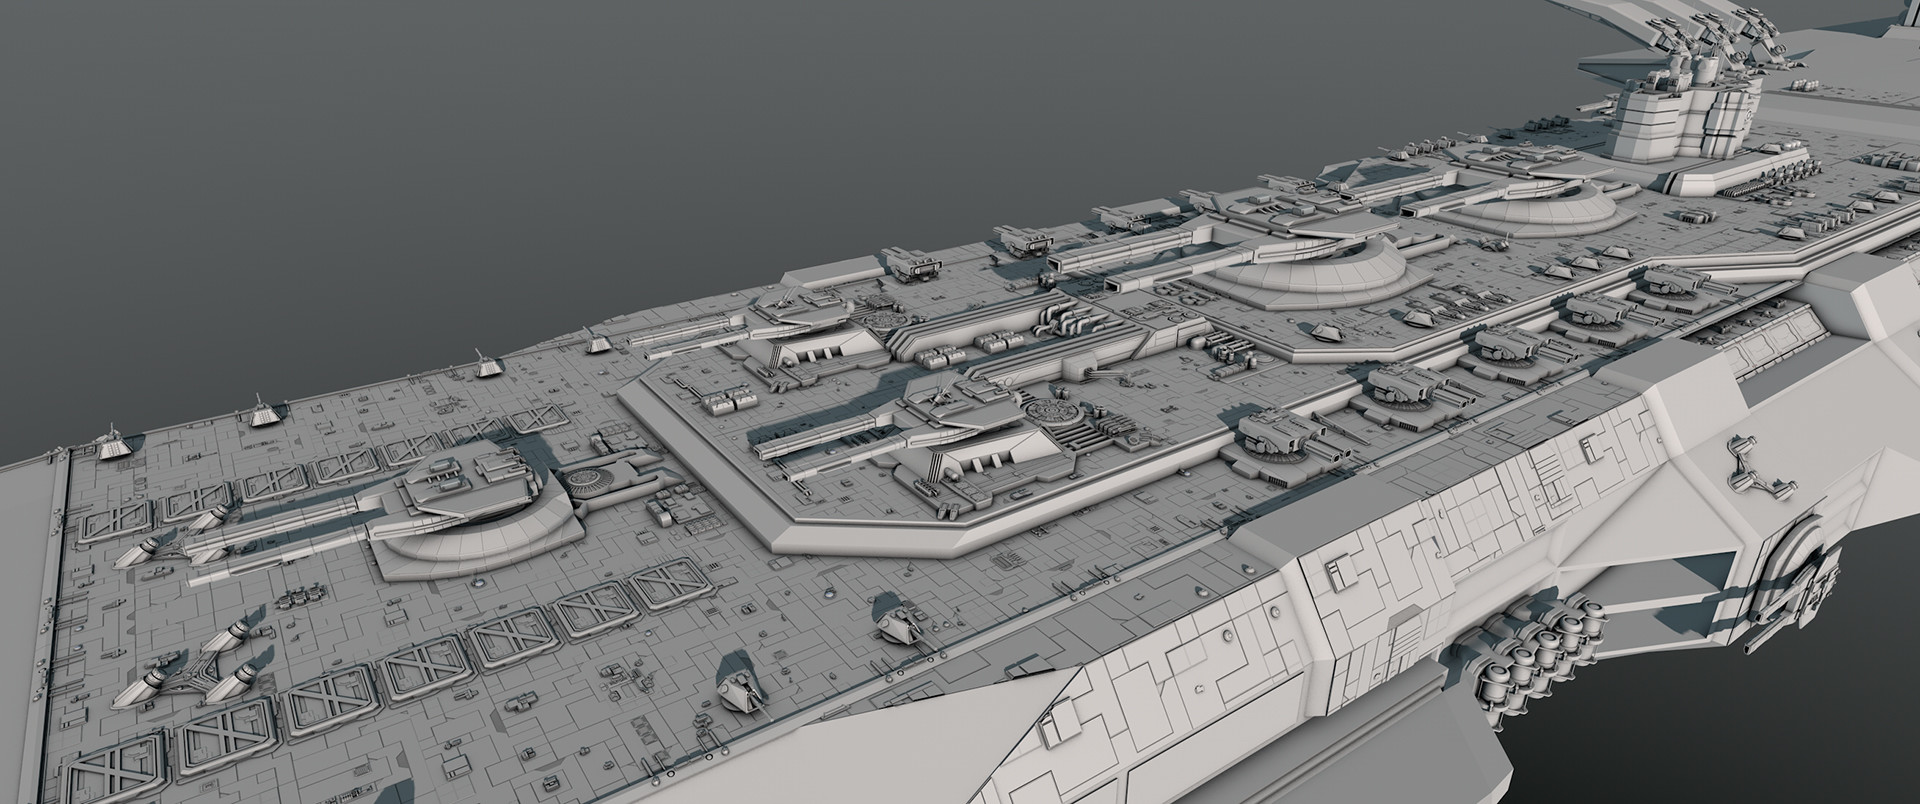 Glenn clovis concept battleship saratoga 32